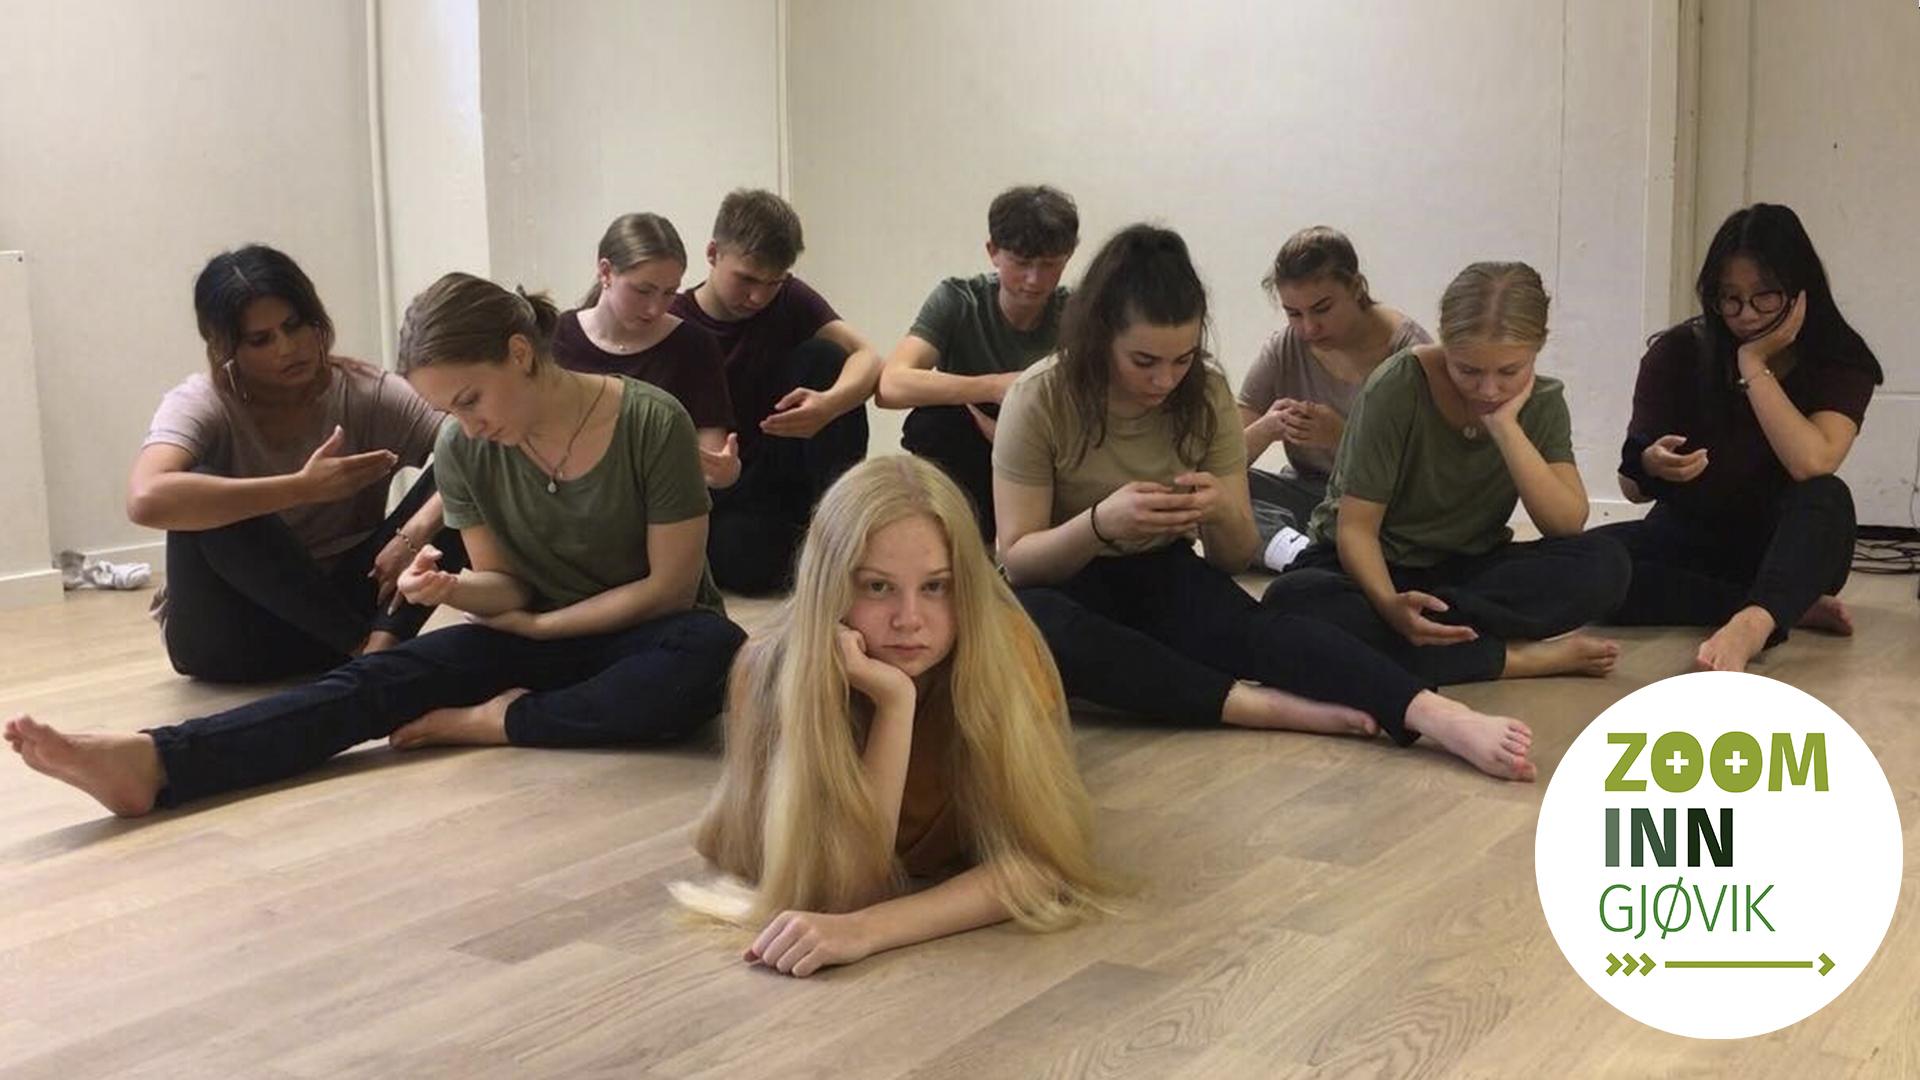 En gruppe ungdommer sitter på gulvet og ser på usynlige telefoner